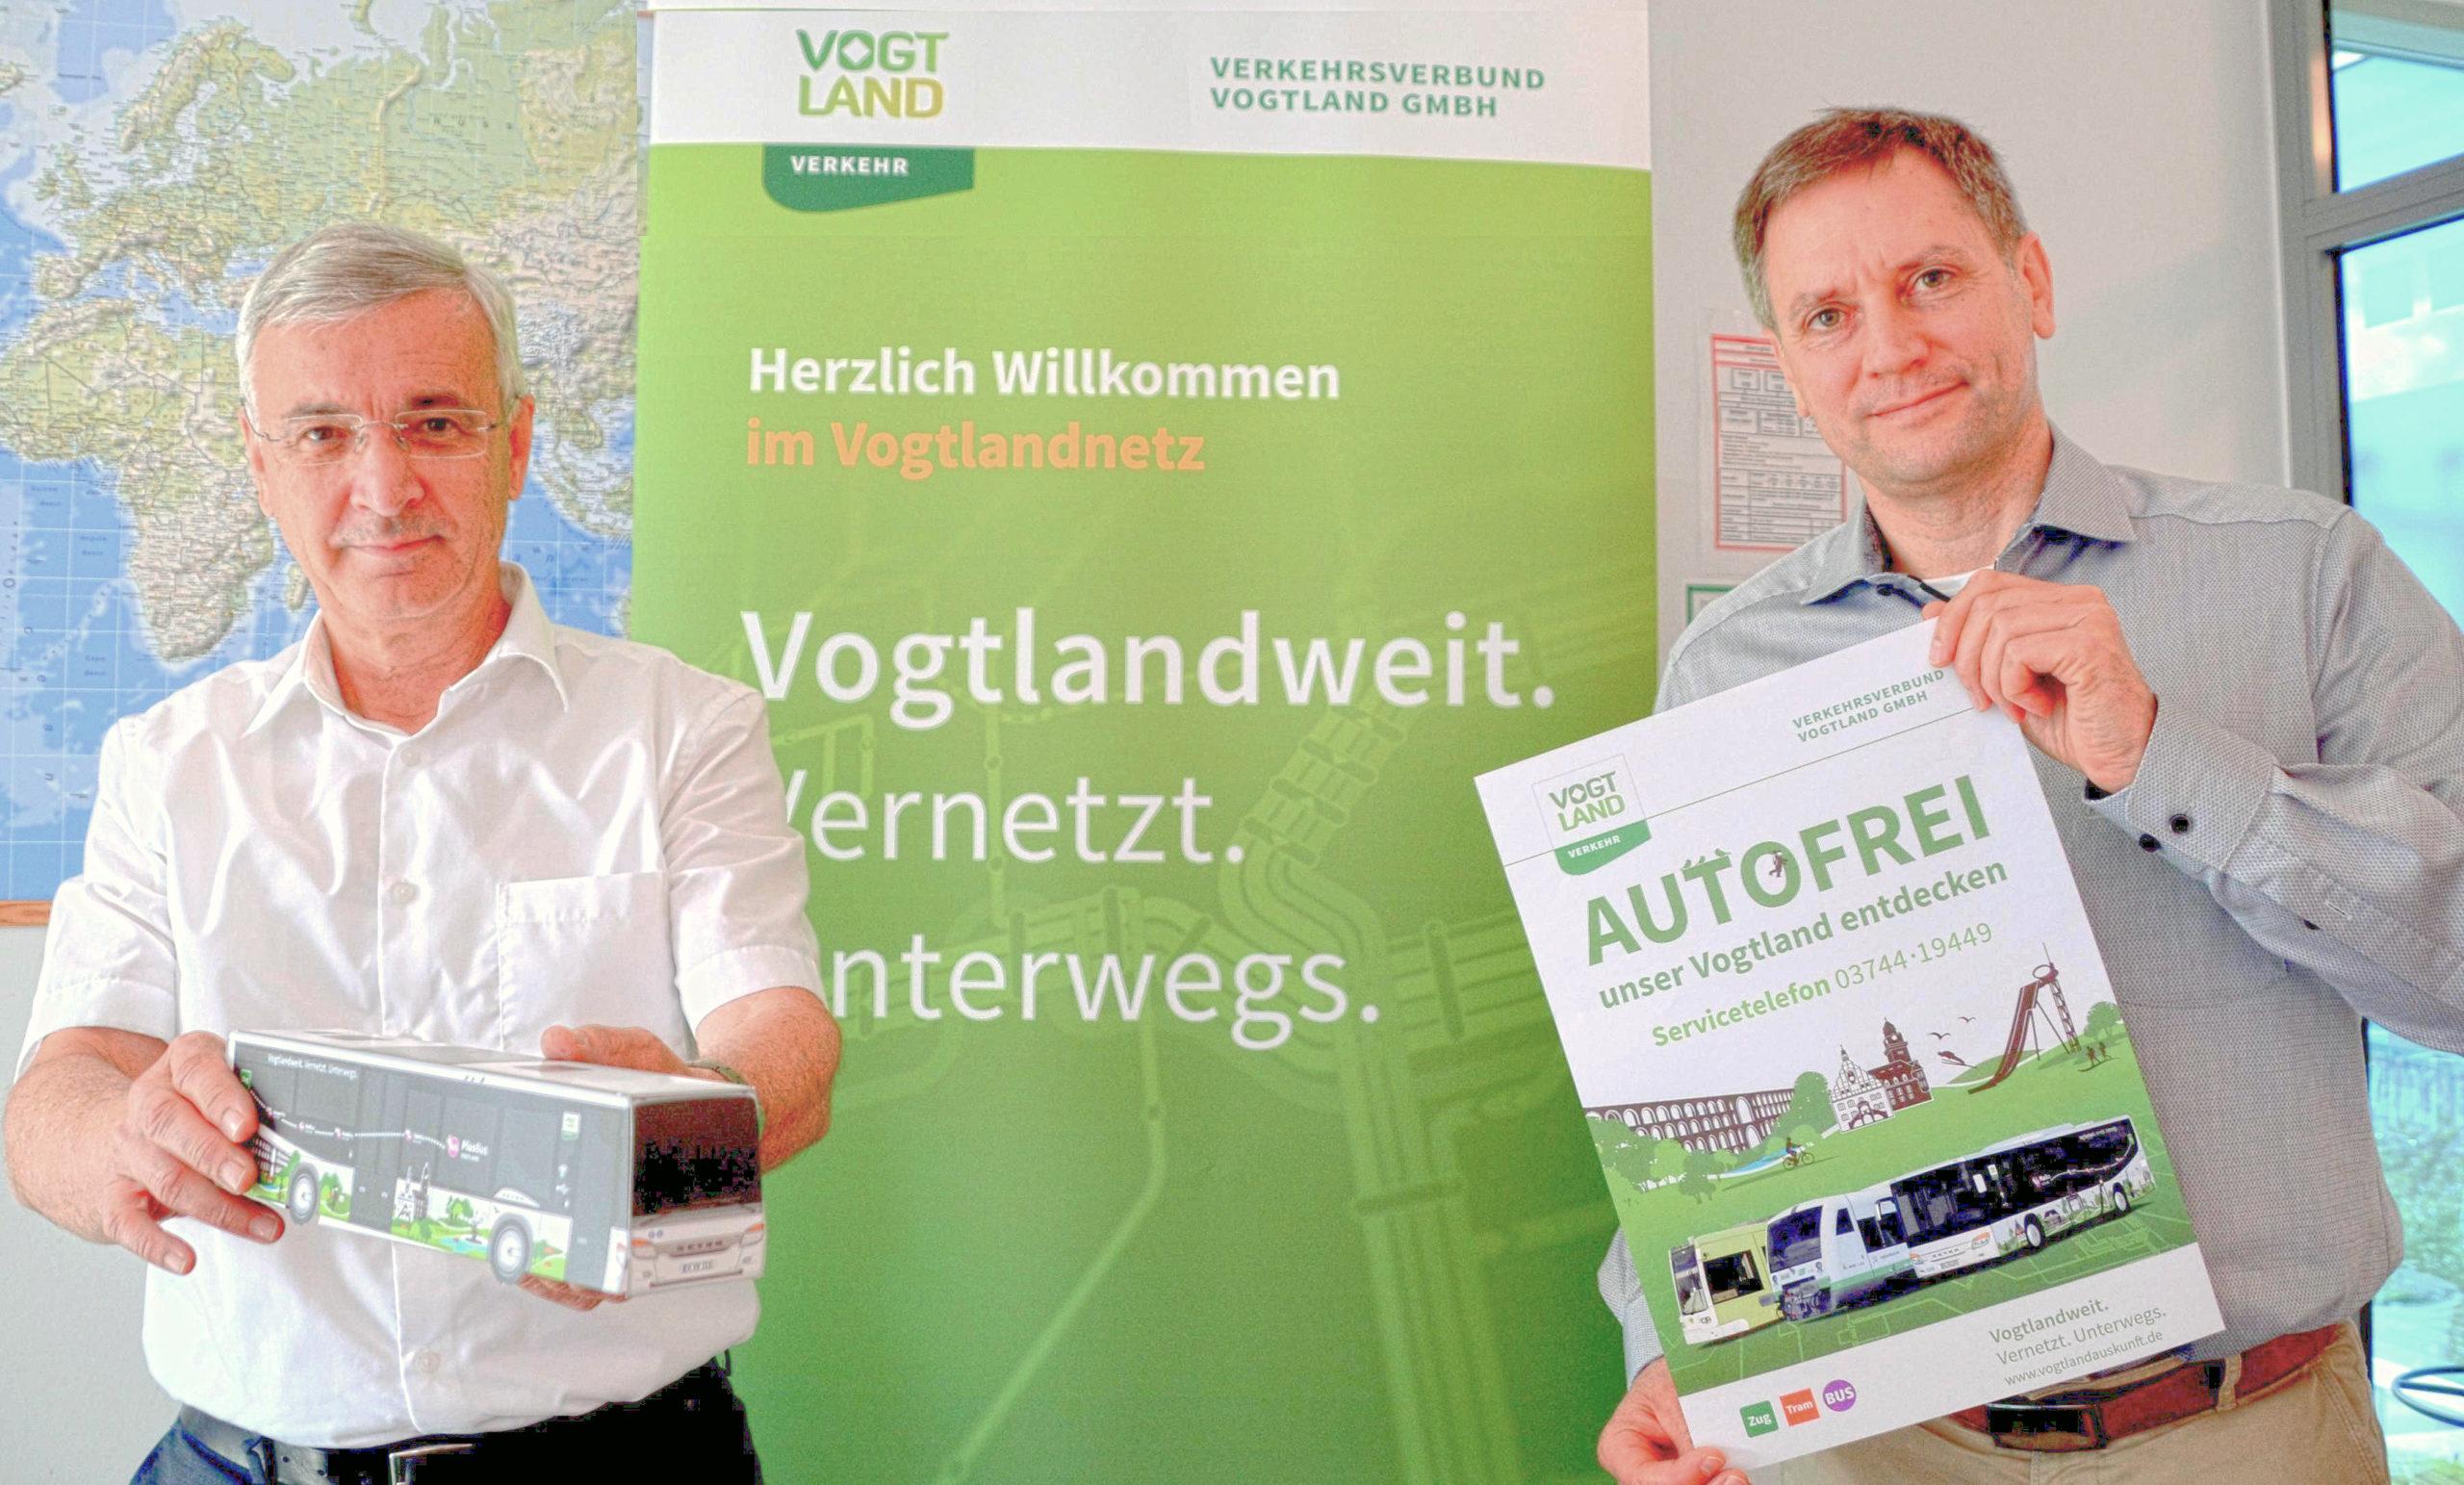 Vogtland-Landrat-Rolf Keil-VVV-Geschäftsführer-Michael Barth